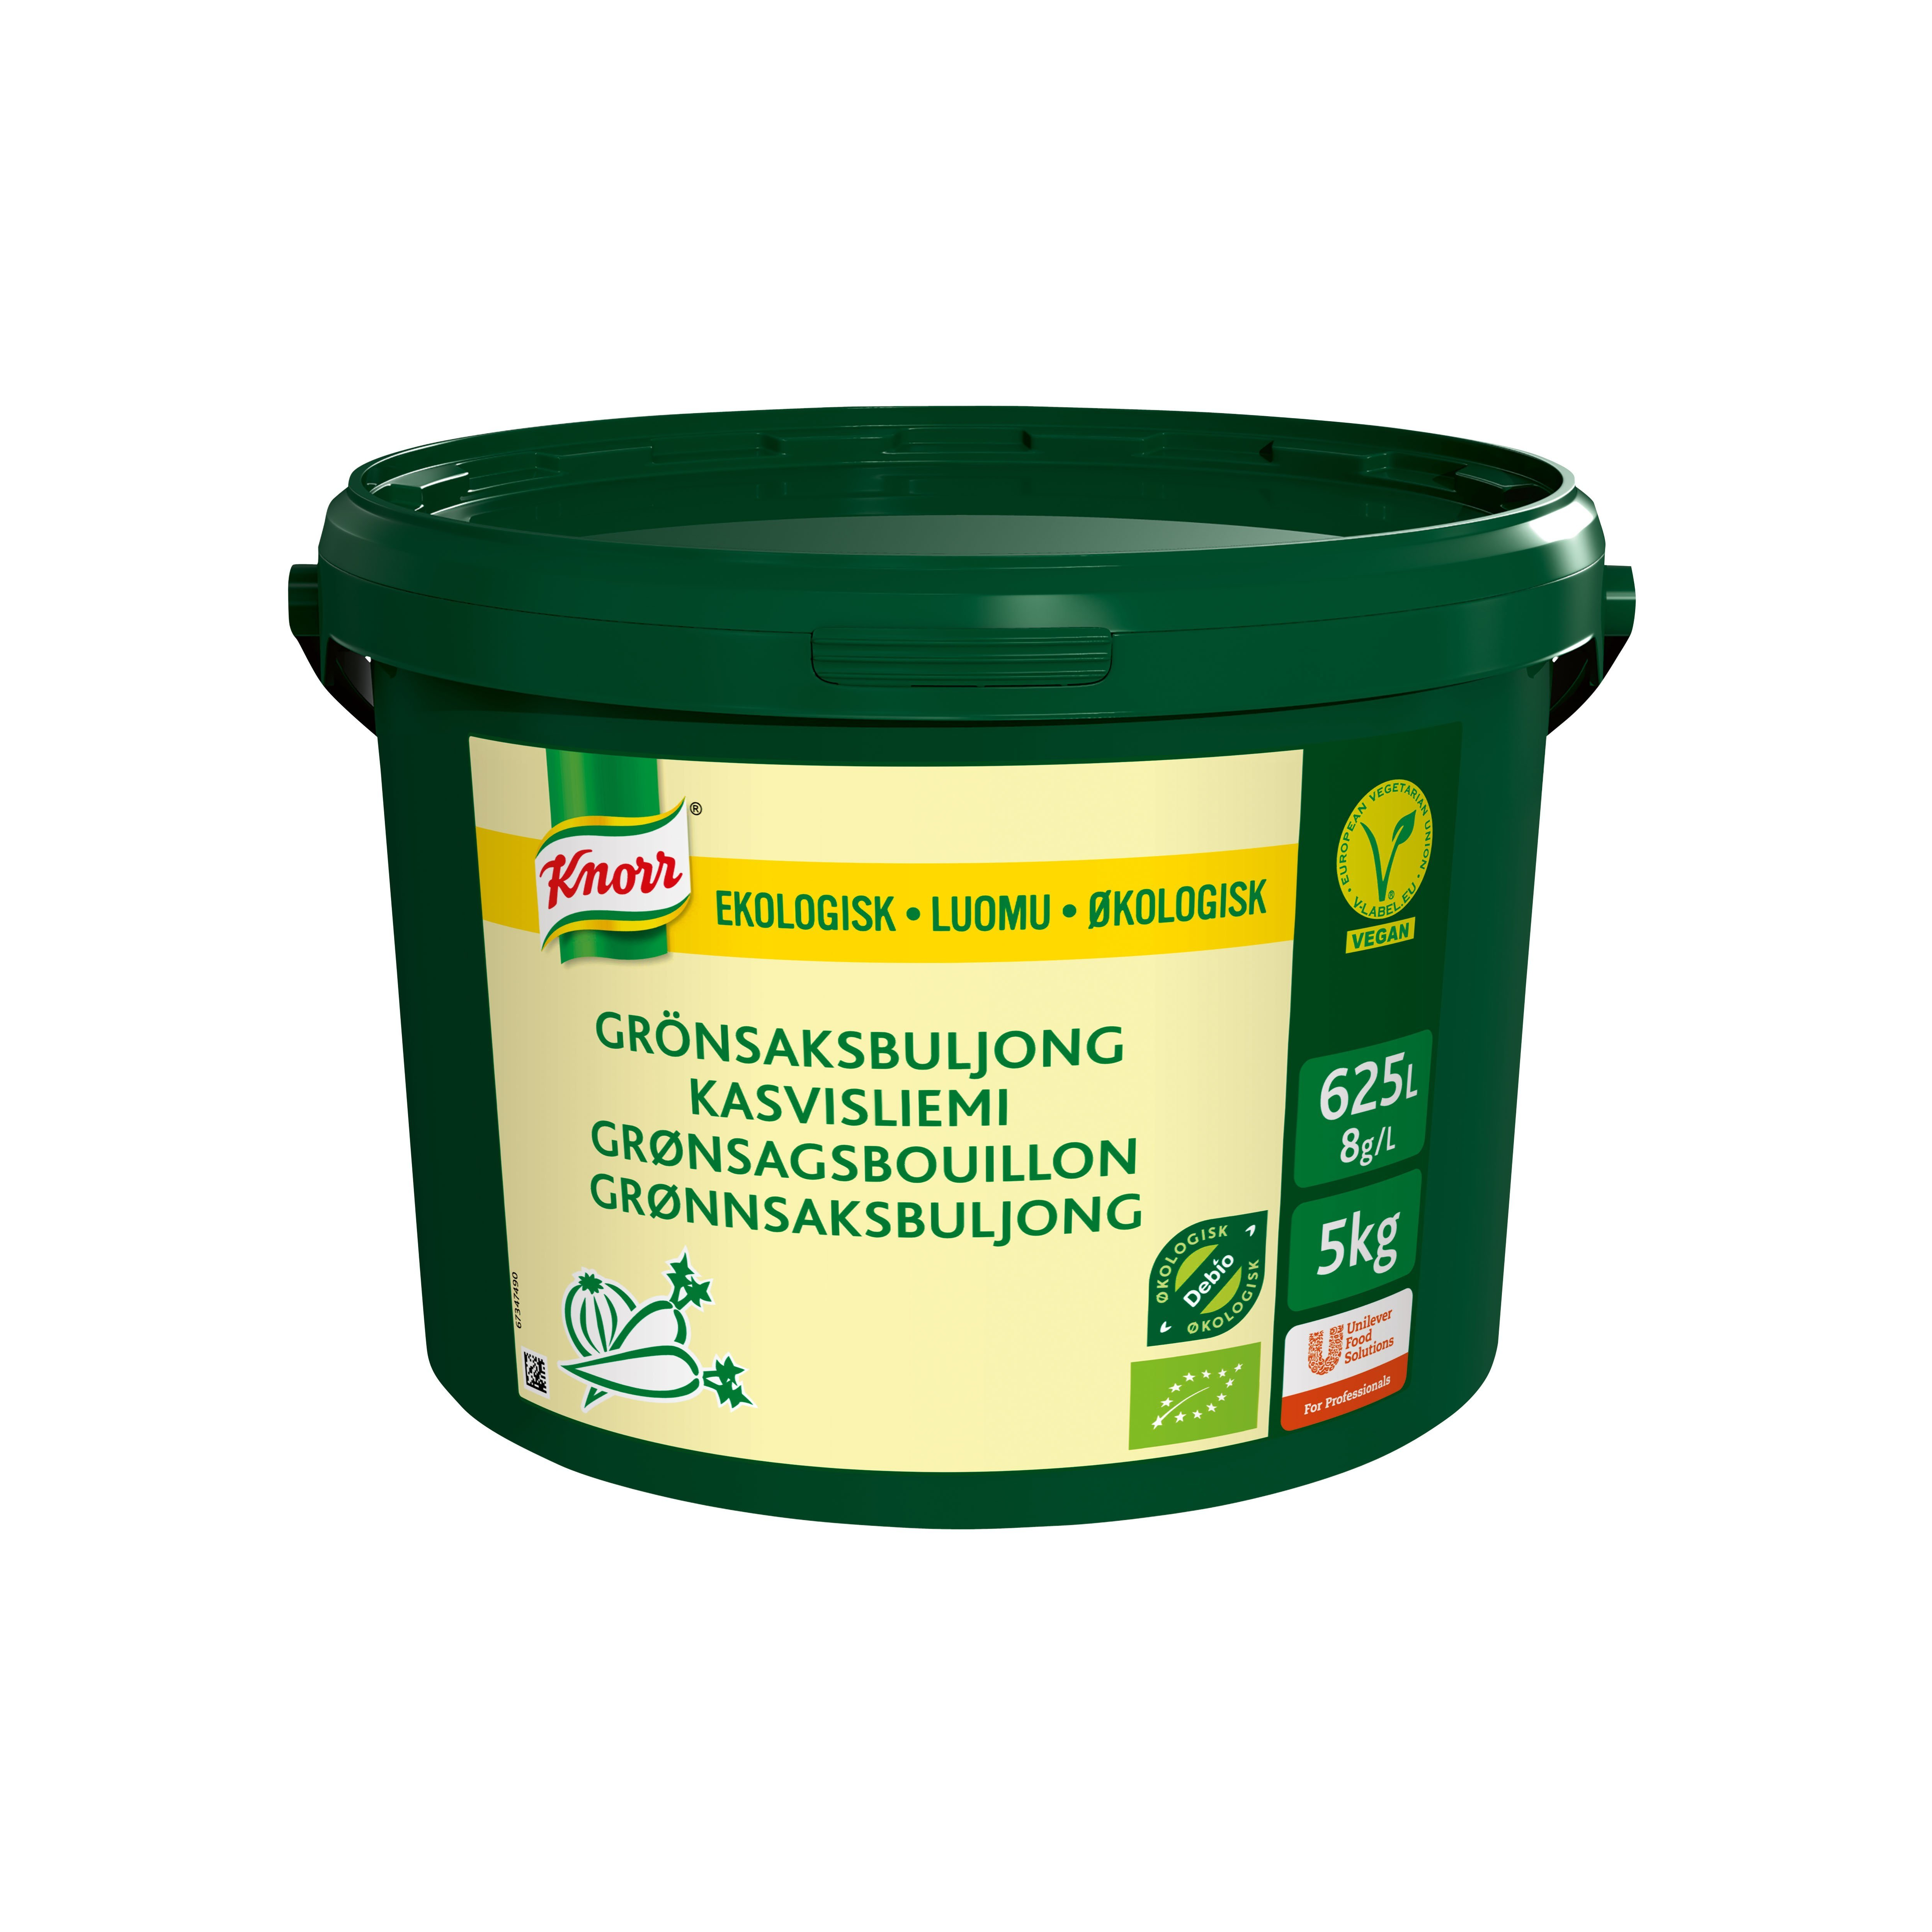 Knorr Økologisk Grønsagsbouillon, lavsalt, granulat, 5kg / 625L